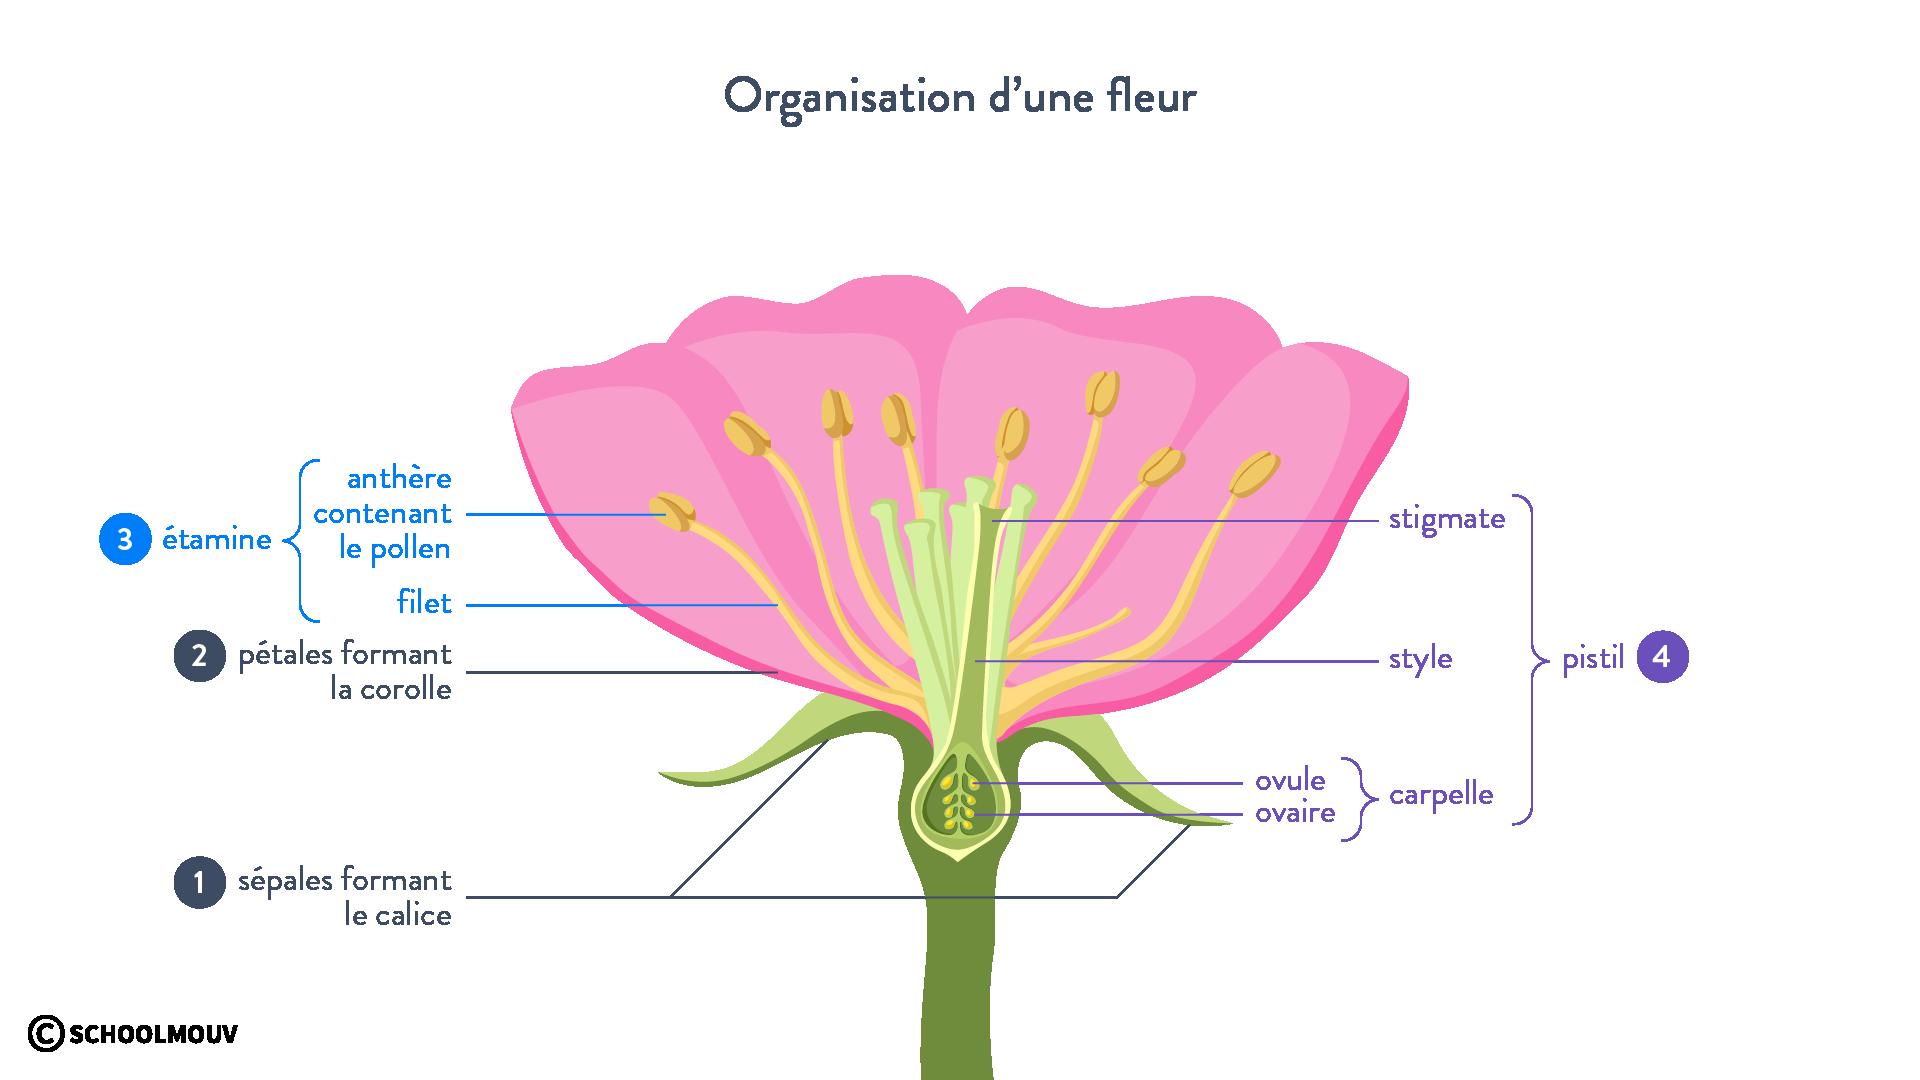 organisation d'une fleur organe plante